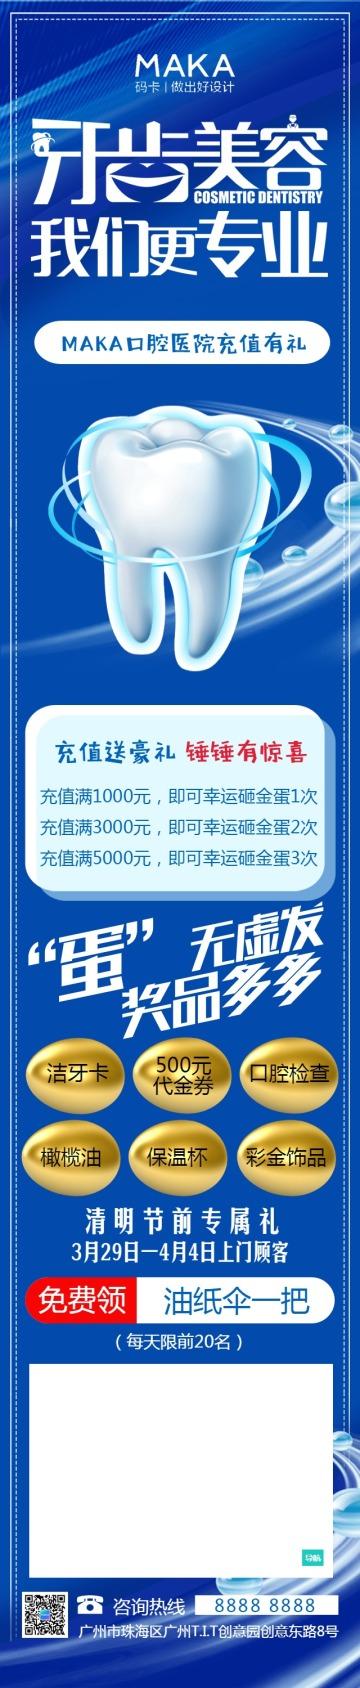 蓝色简约口腔医疗机构促销活动宣传单页